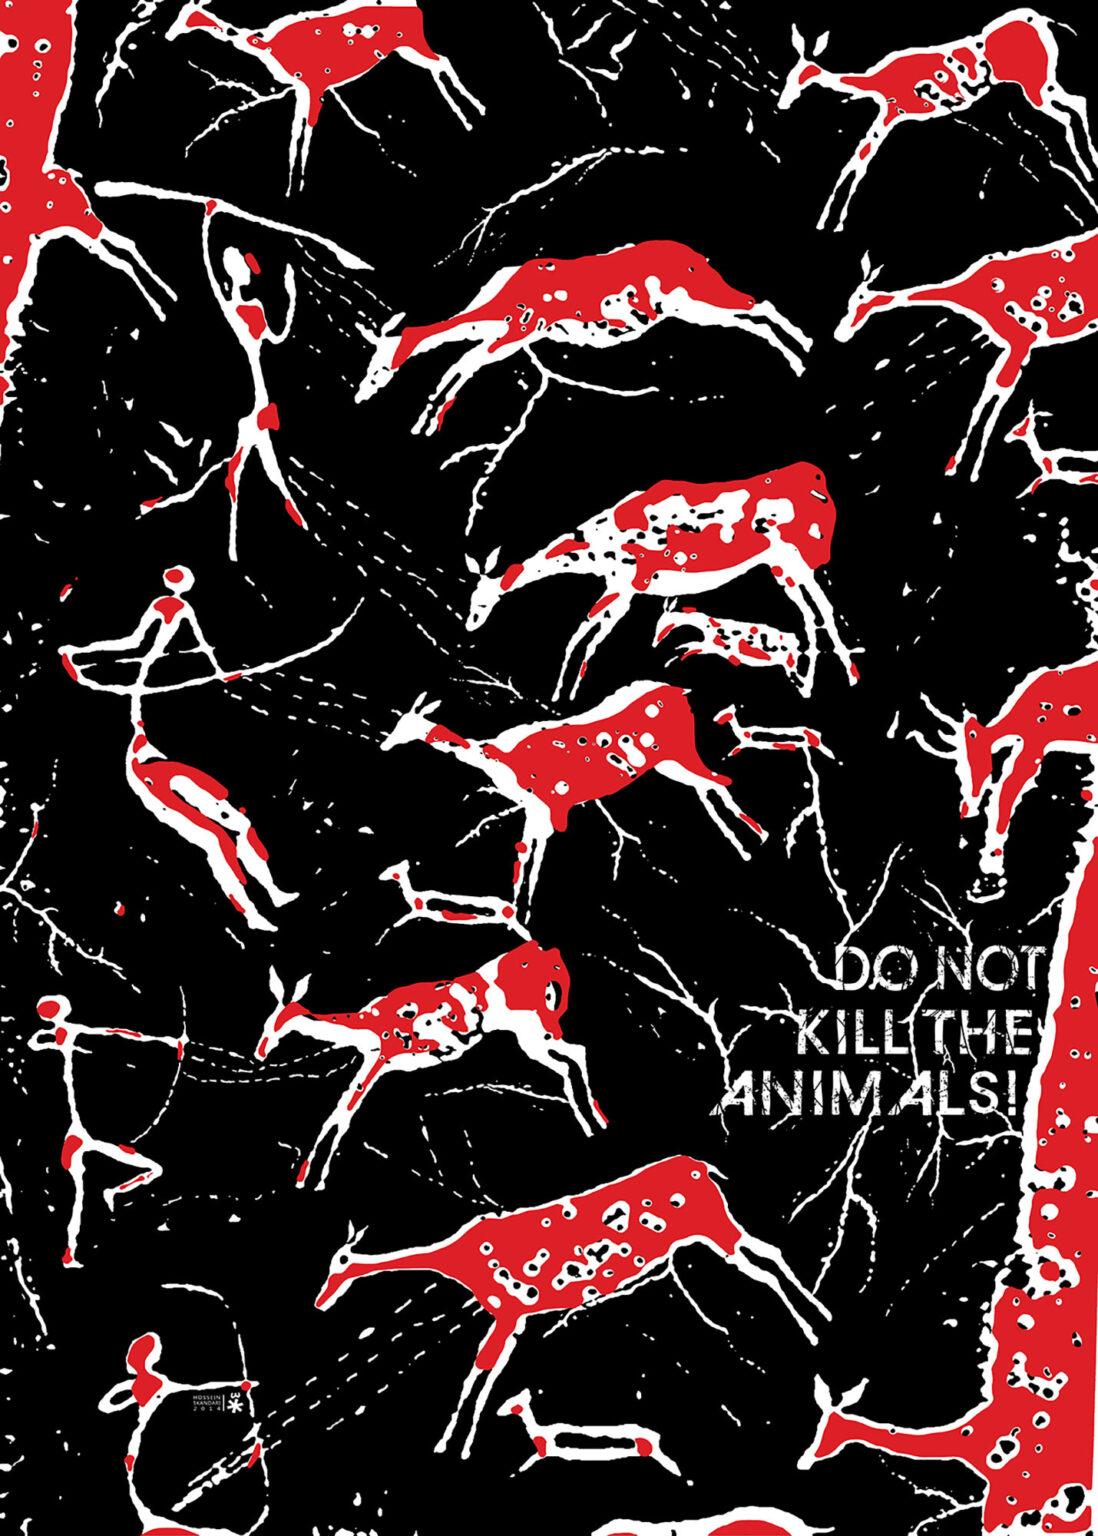 پوستر حیوانات رو نکشید اثر حسین اسکندری